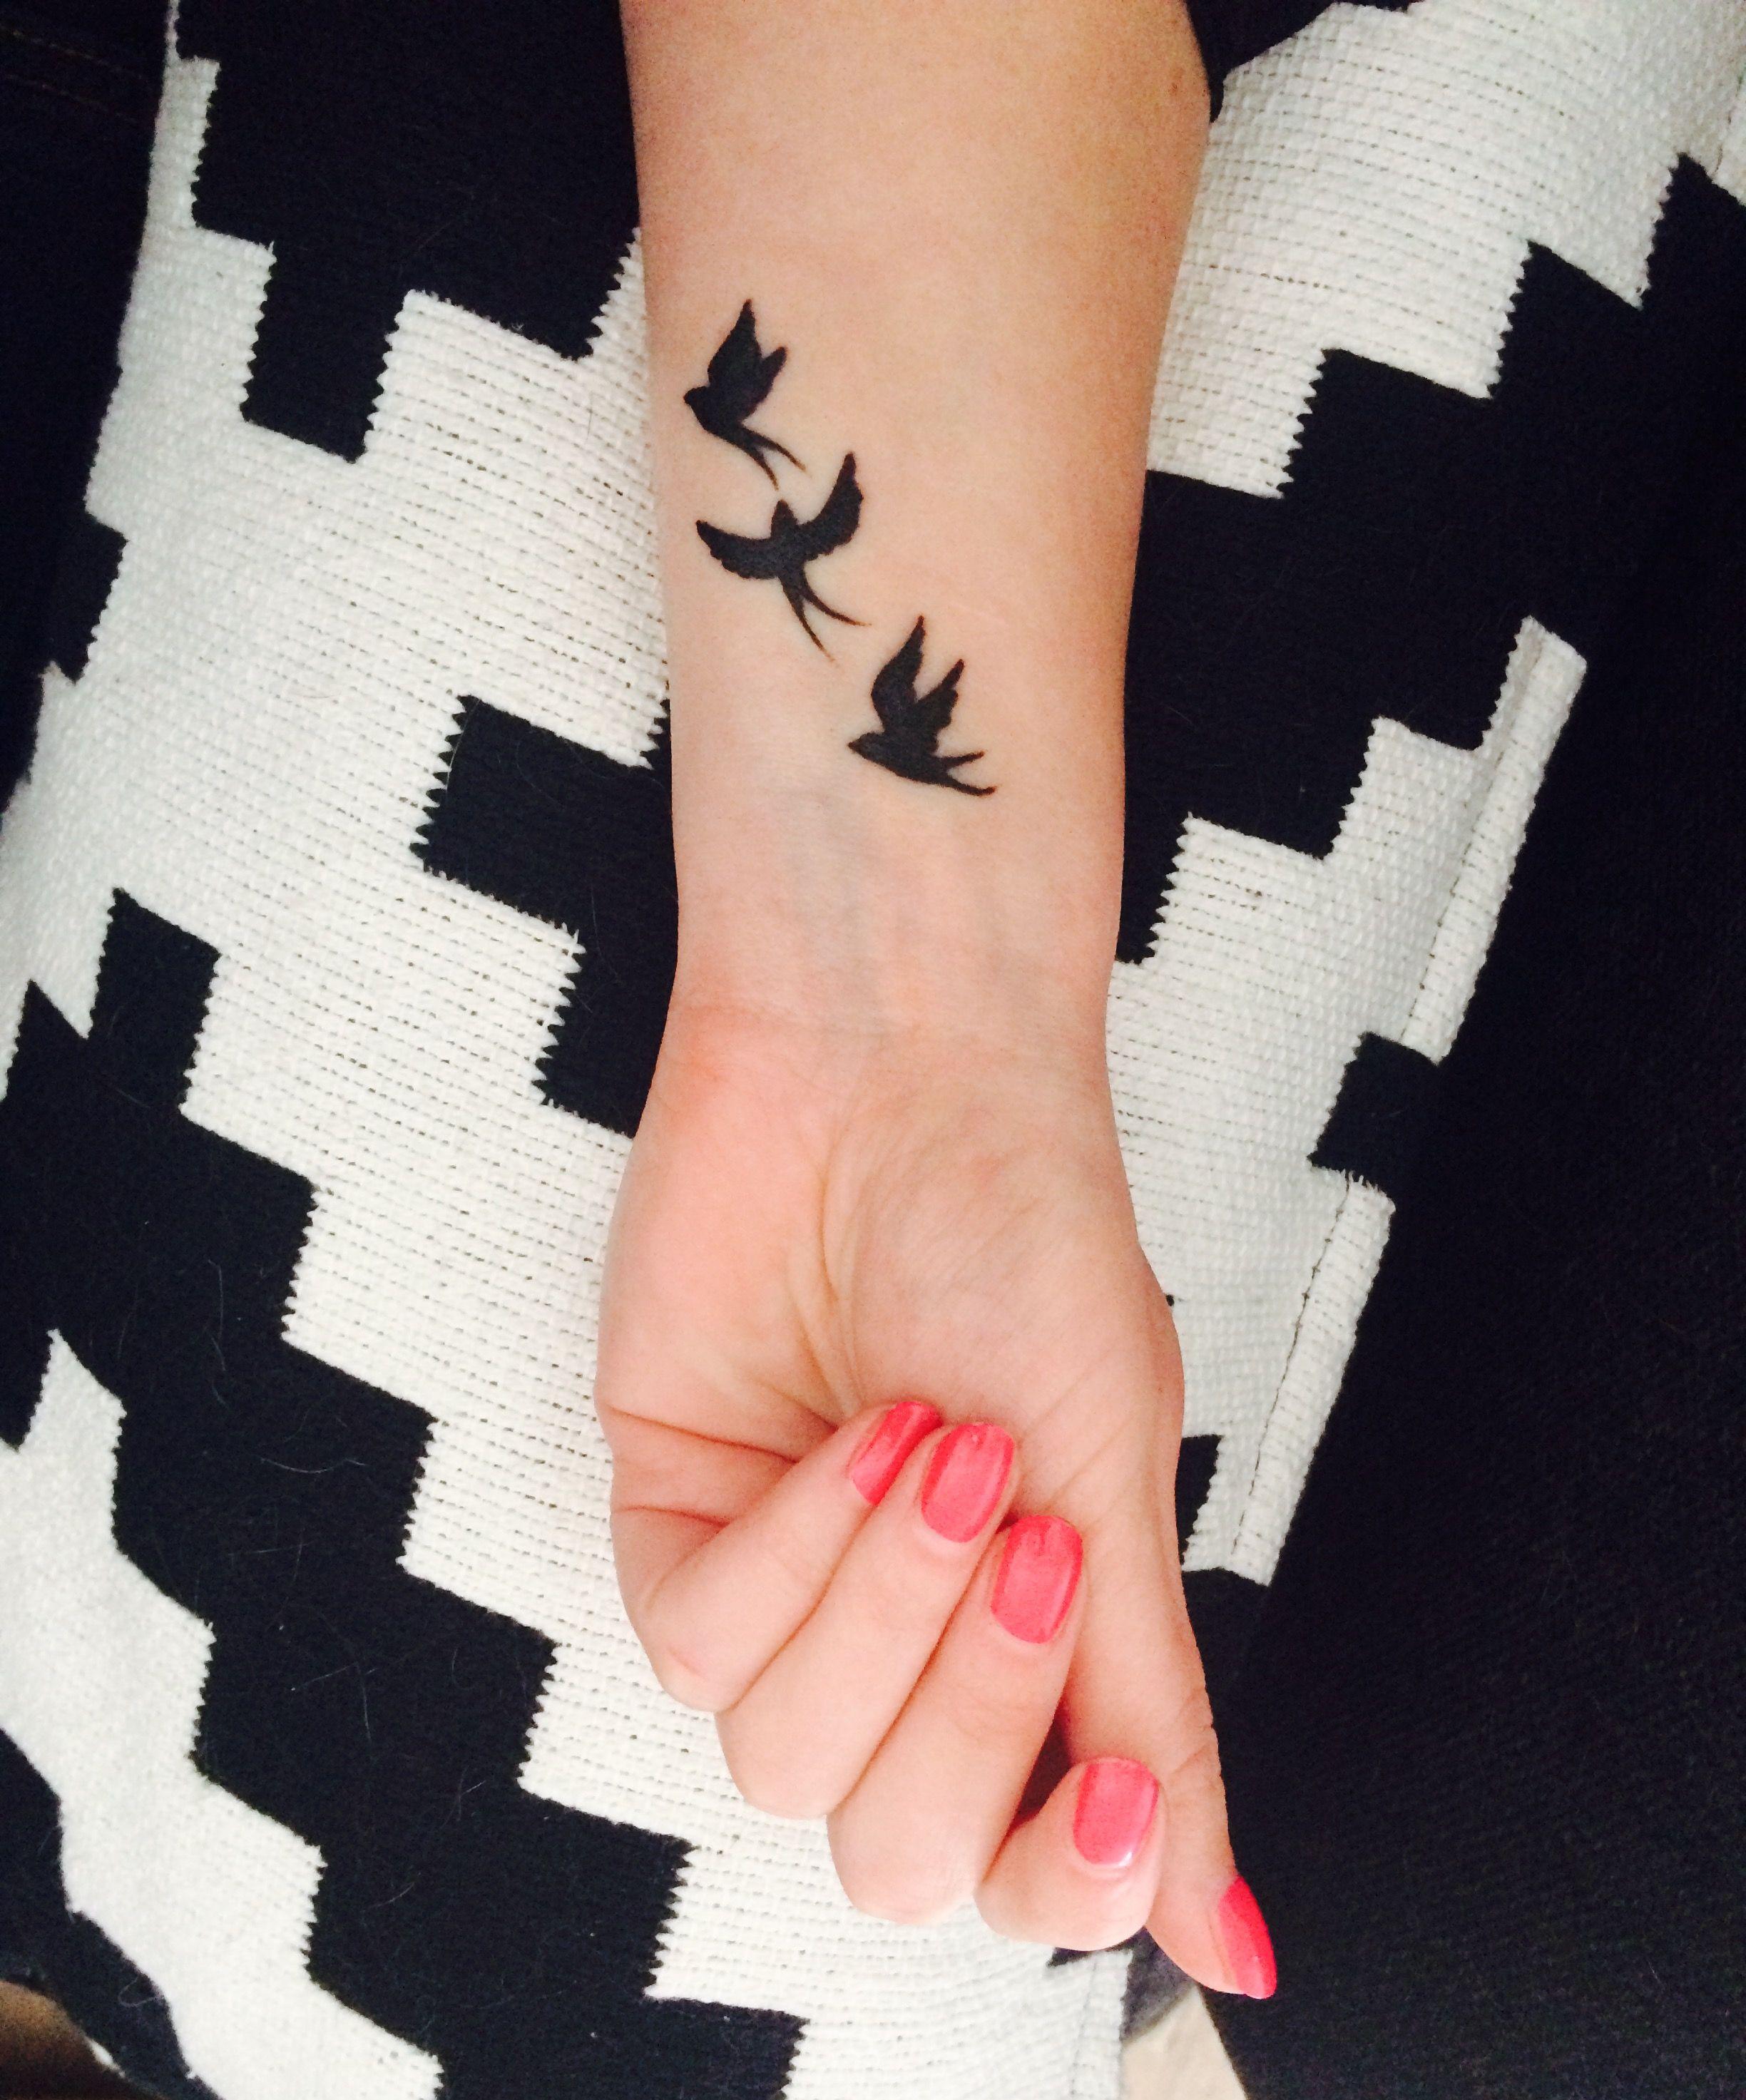 zwaluw, tattoo, pols | tattoos - tatoeage ideeën, zwaluw tatoeage en